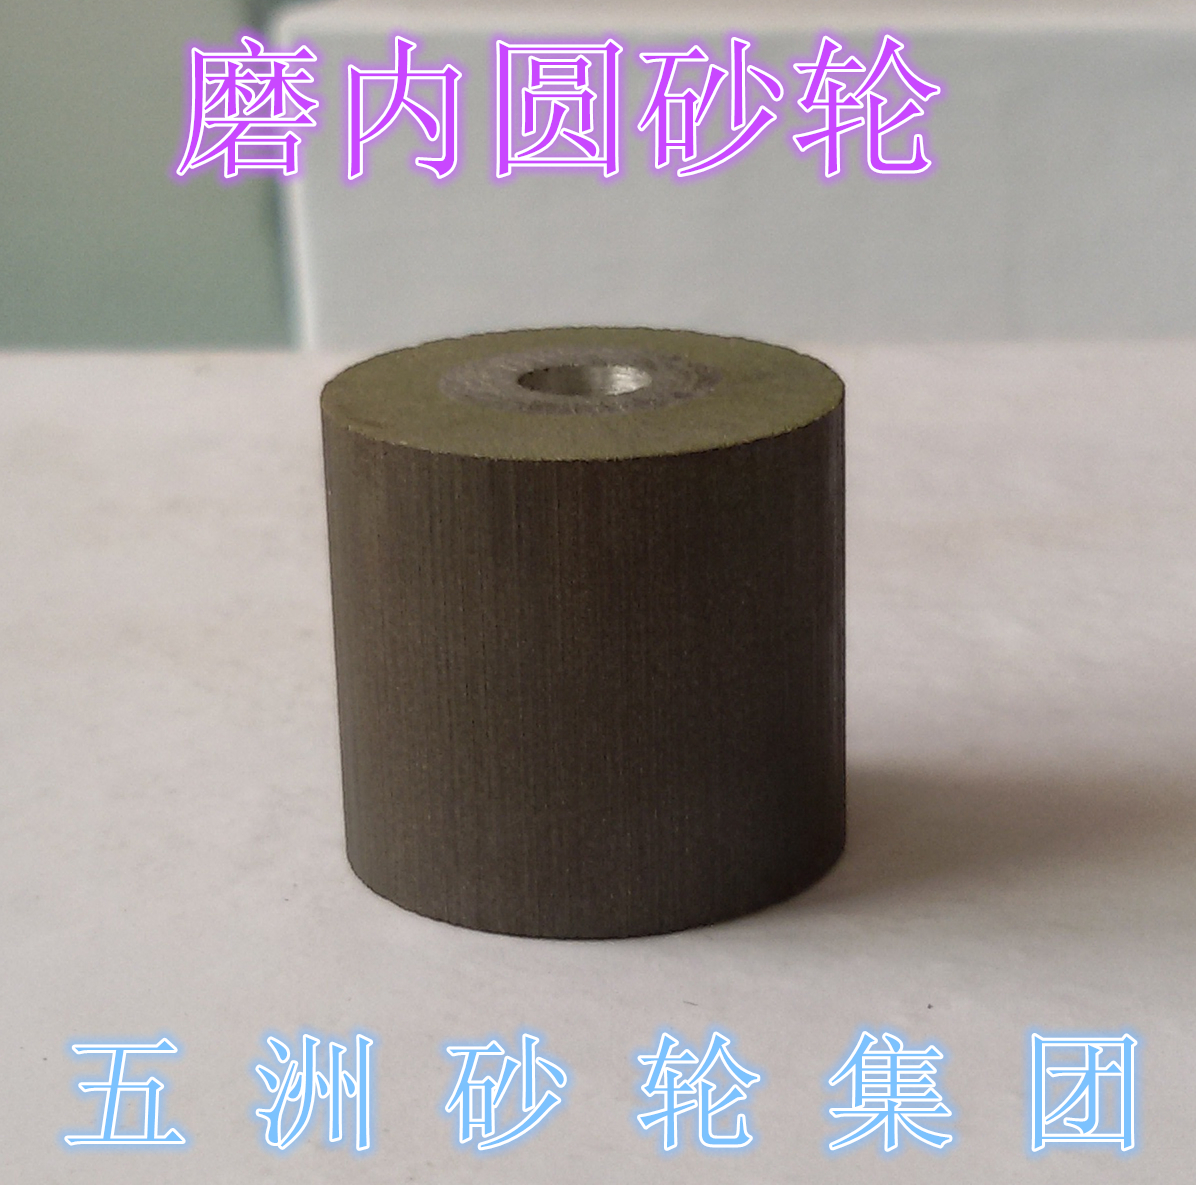 Miniatur rad der schleifer schleifer diamant - Rad - Alu - Rad MIT Einem durchmesser von 30 mm Stahl - rad